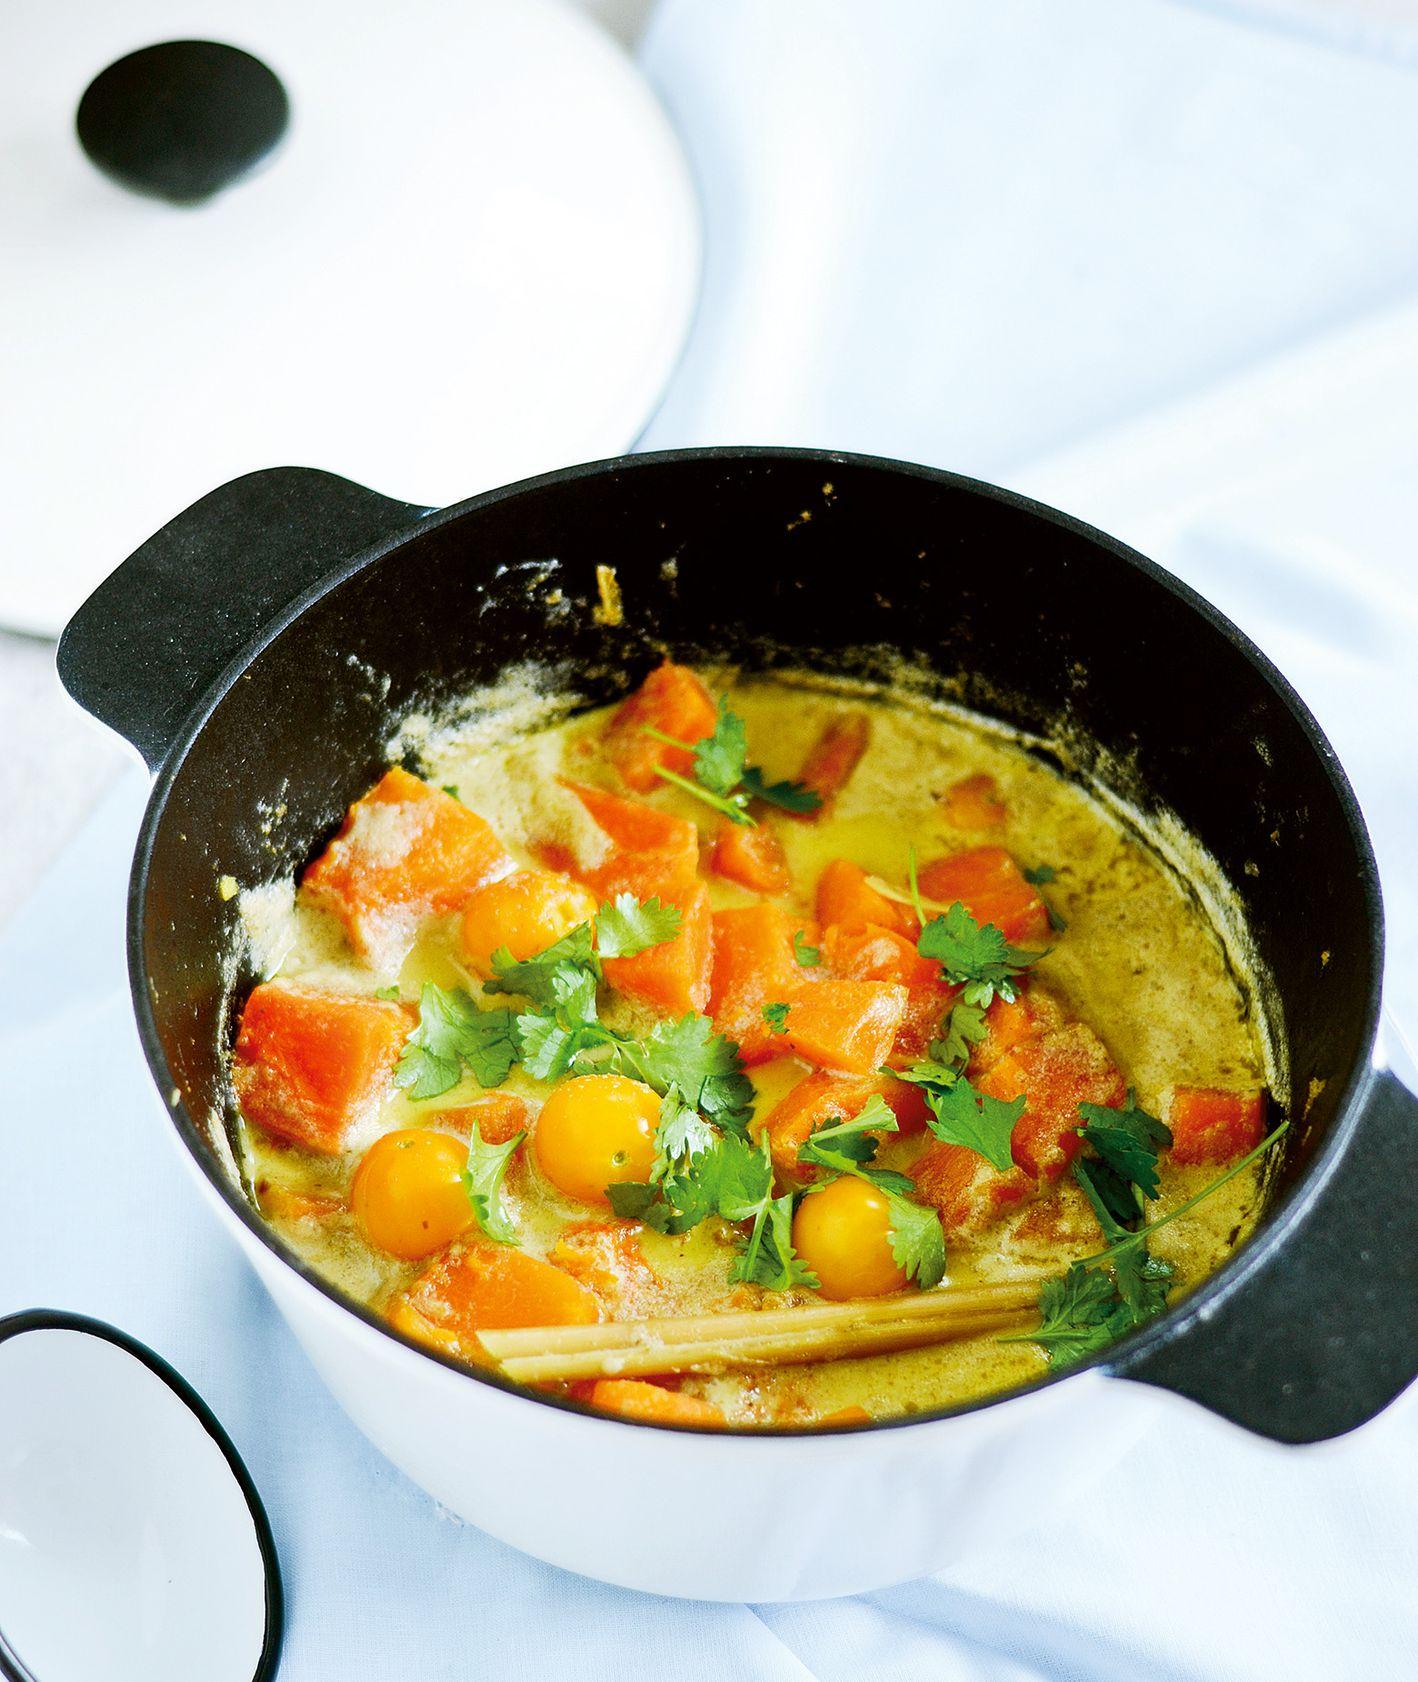 Egzotyczny, mocno aromatyczny obiad, czyli curry z dynią, kolendrą i trawą cytrynową (fot. Ania Włodarczyk / strawberriesfrompoland.blogspot.com)